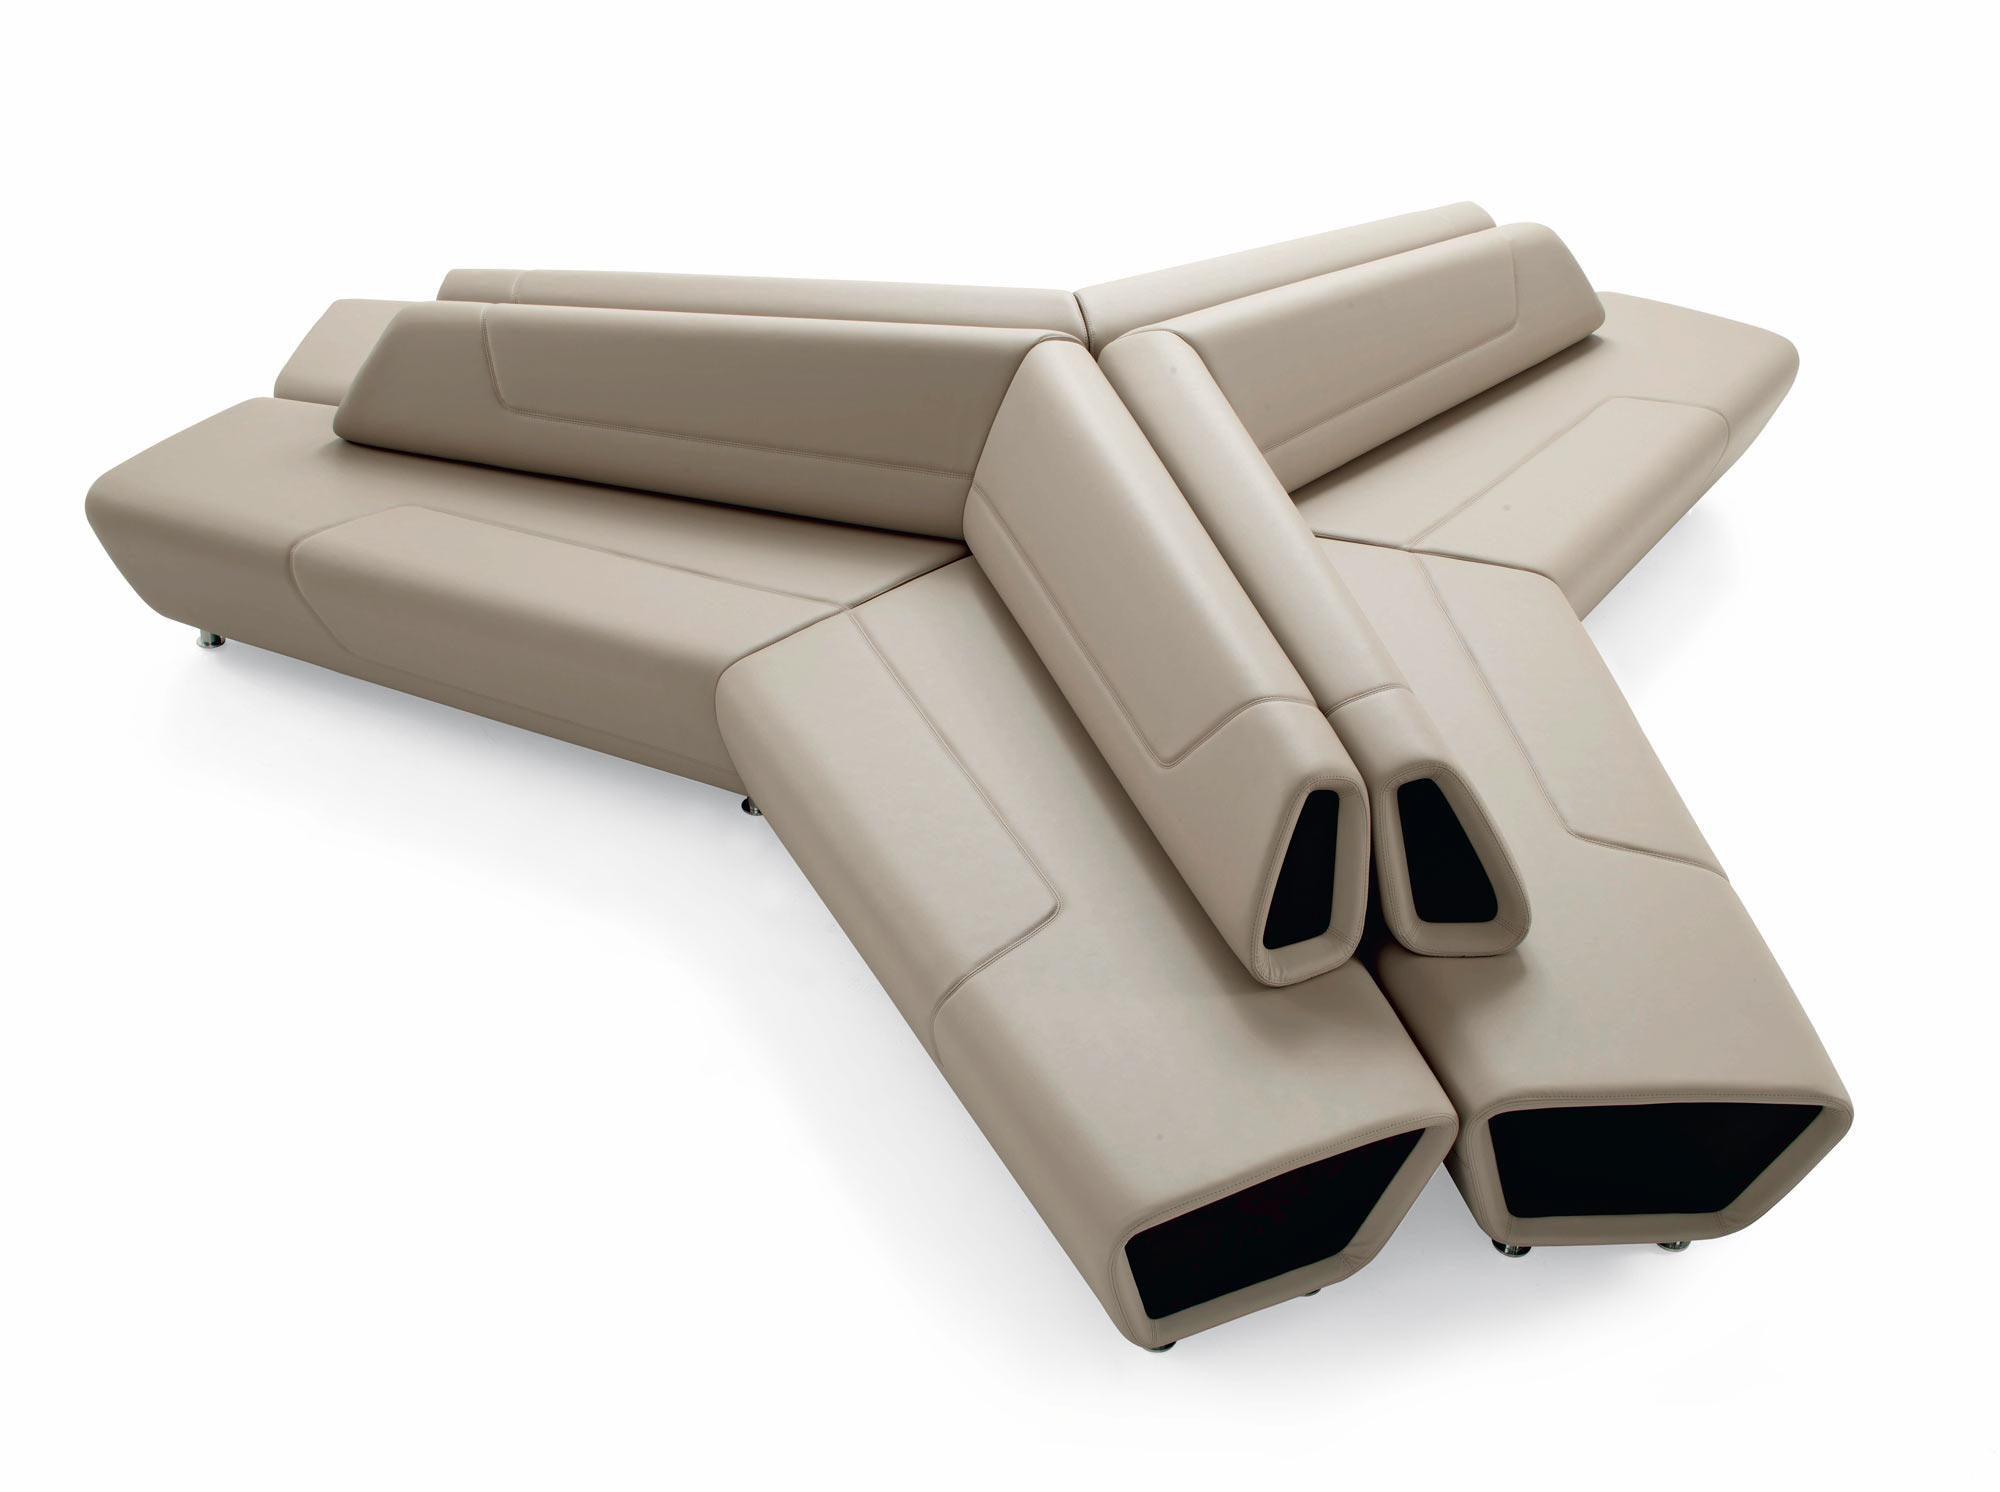 Divani e divani poltrone divano imbottito con poggiapiedi for Biesse arredamenti